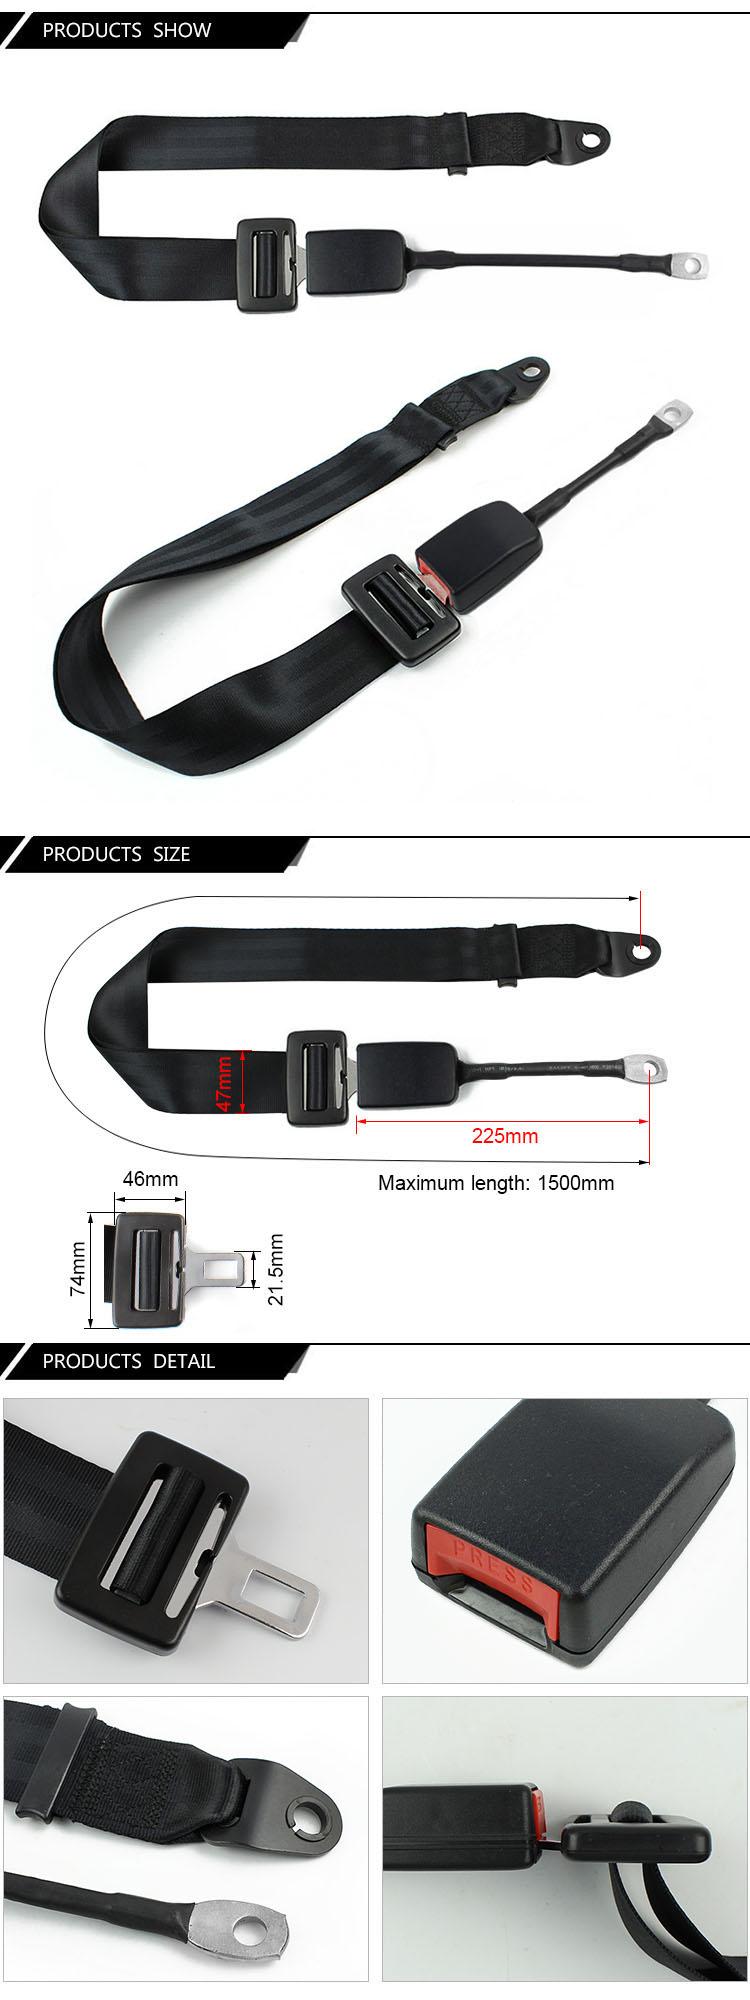 FEA006 Standard Lap Belts